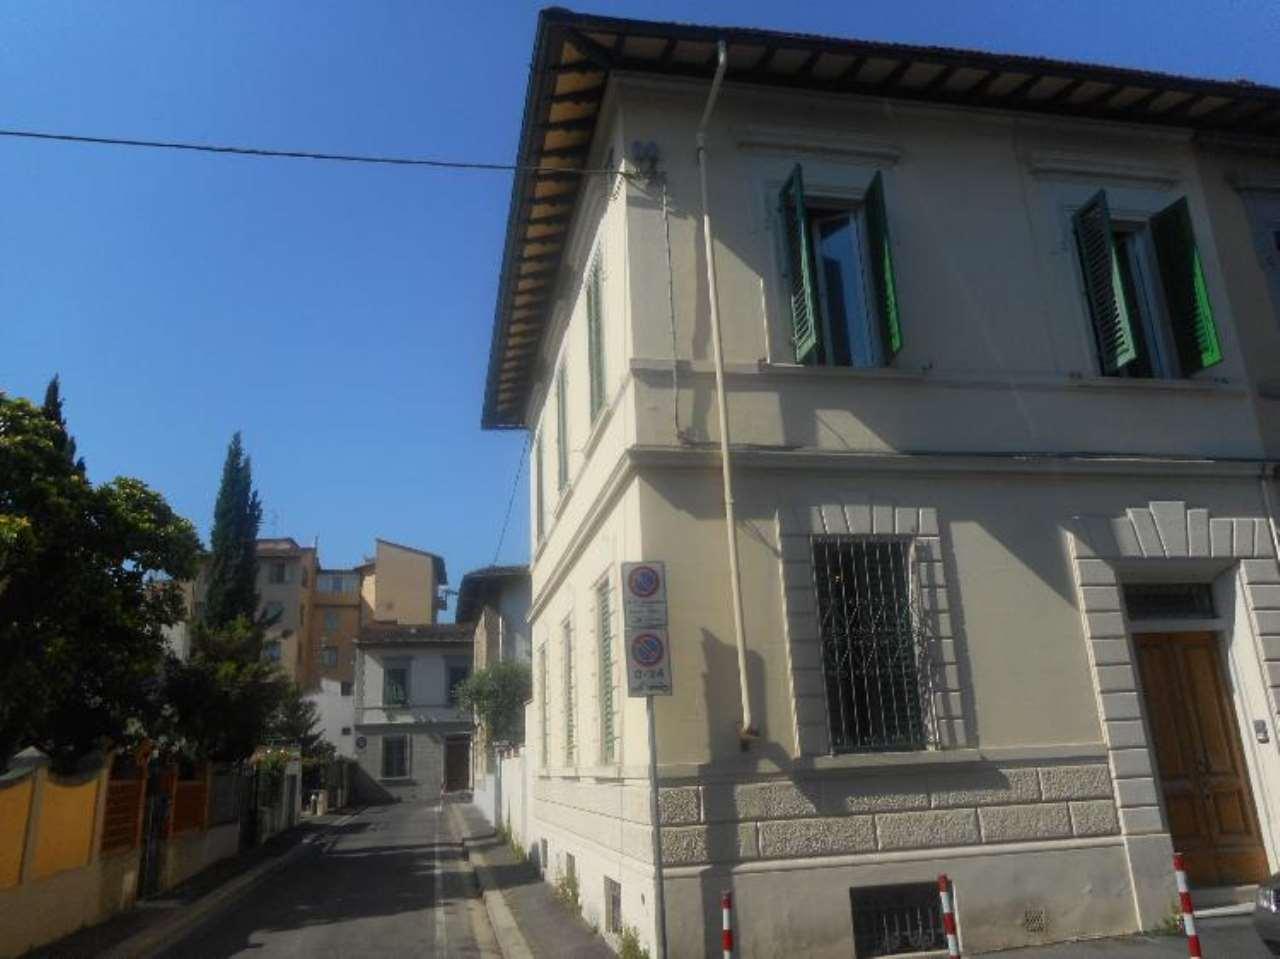 Palazzo / Stabile in vendita a Firenze, 9 locali, zona Zona: 18 . Settignano, Coverciano, Trattative riservate | Cambio Casa.it